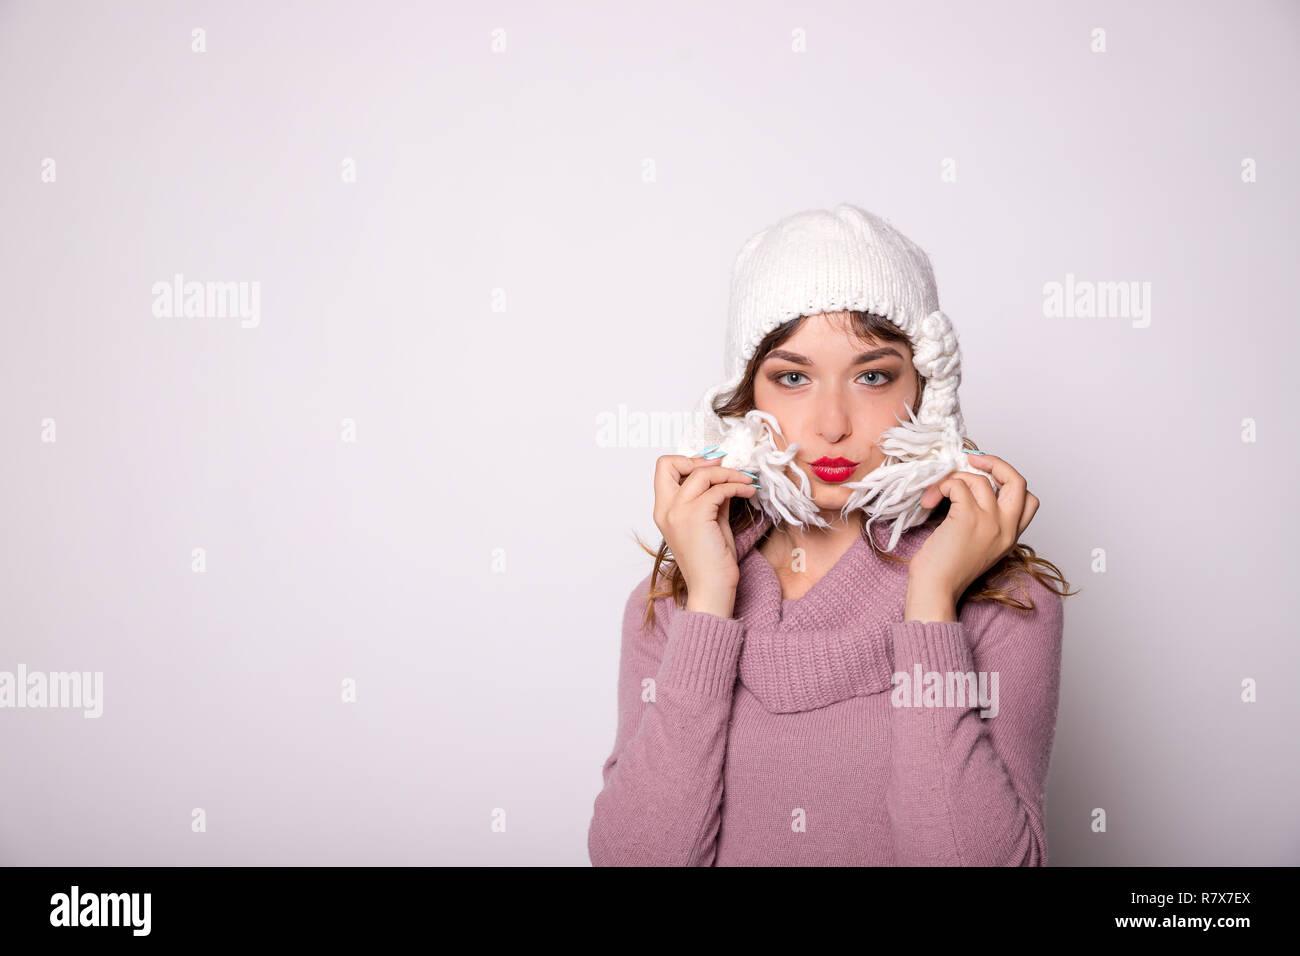 Abbigliamento invernale Maglione abbigliamento Invernale